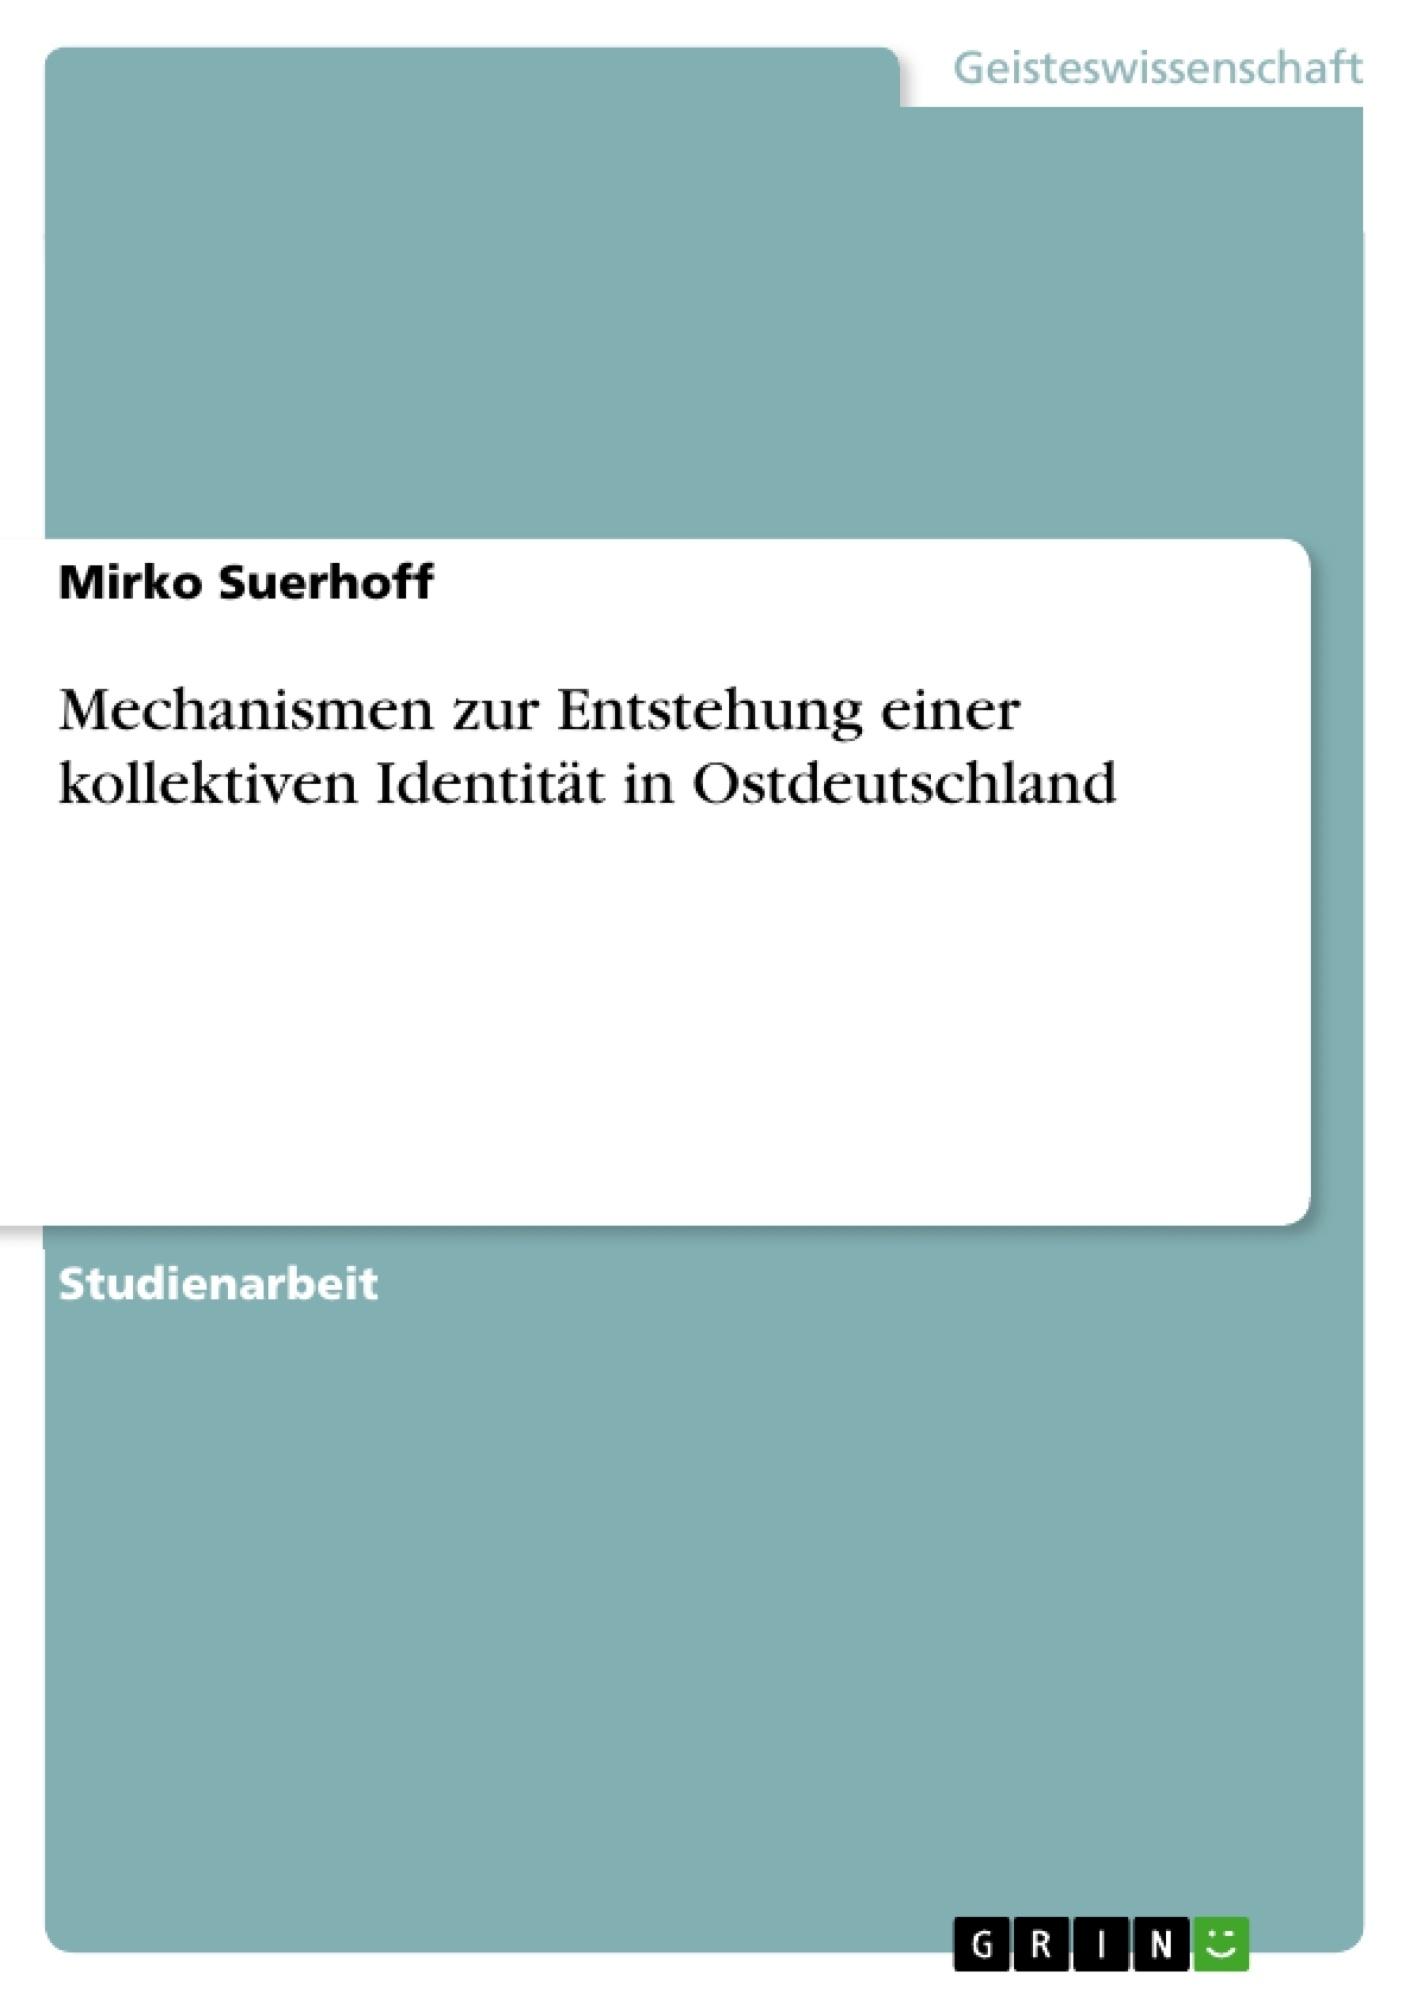 Titel: Mechanismen zur Entstehung einer kollektiven Identität in Ostdeutschland